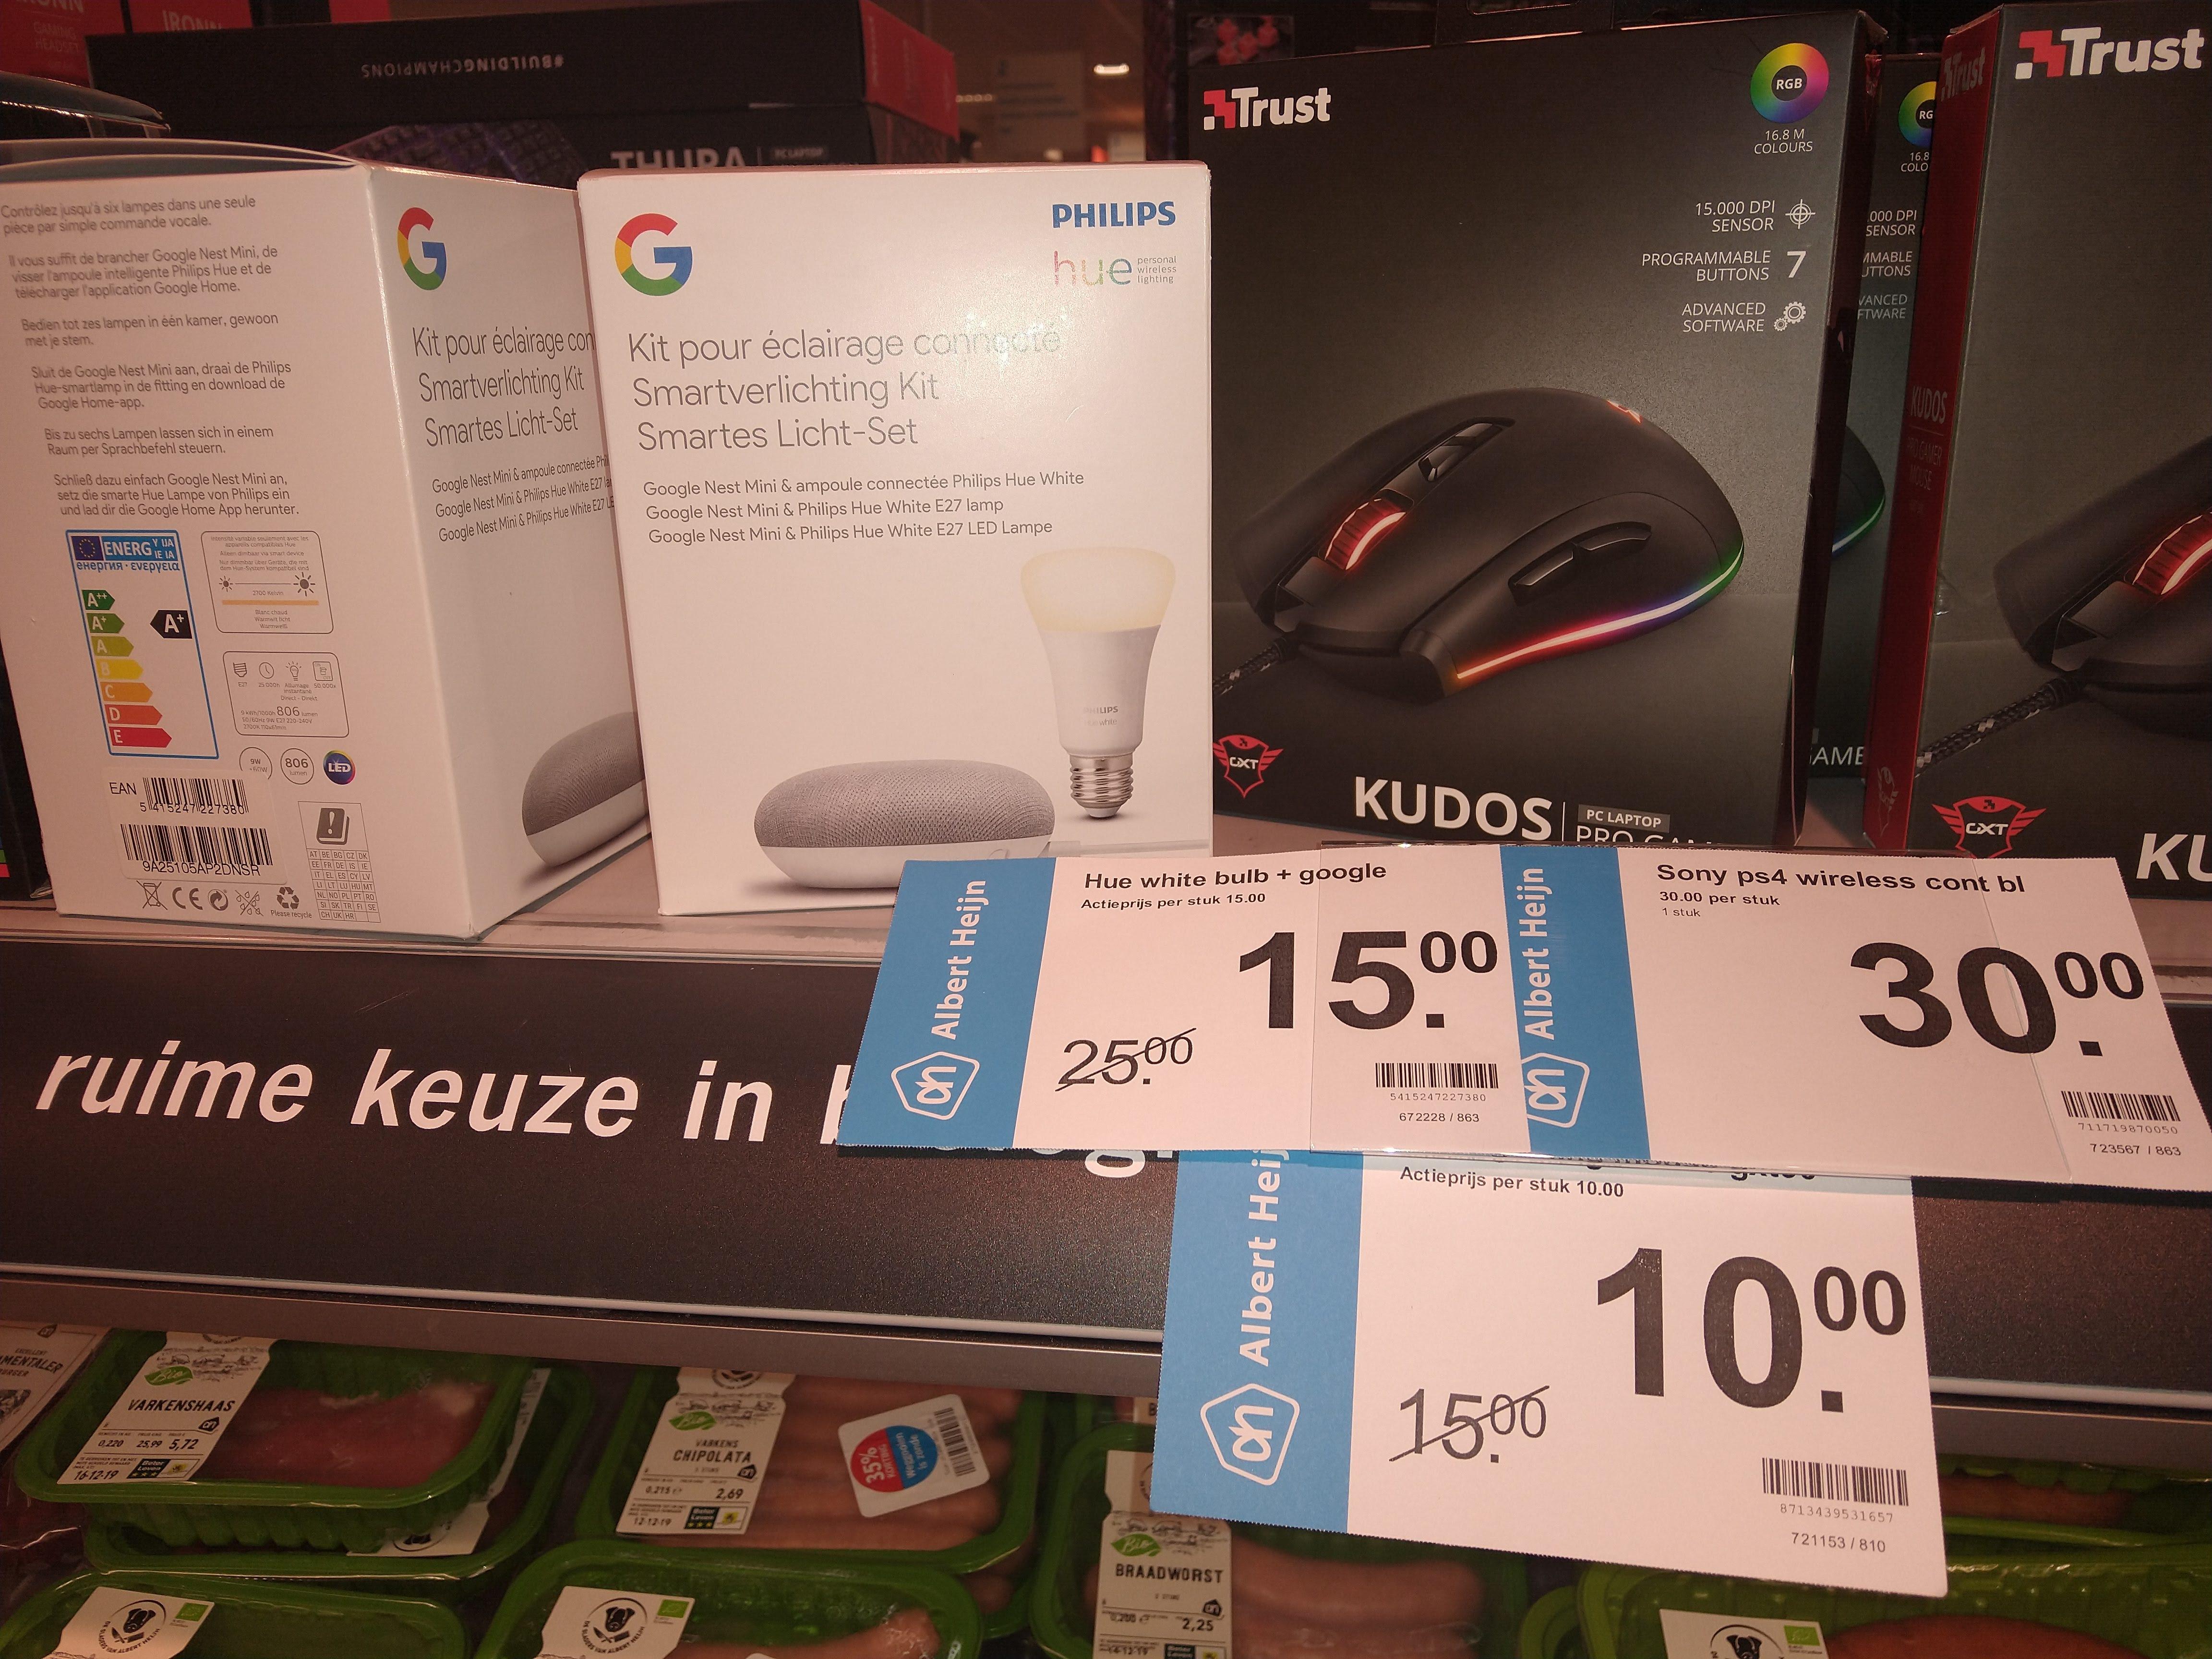 Waarschijnlijk lokaal, Albert Heijn Google Mini + Hue witte lamp